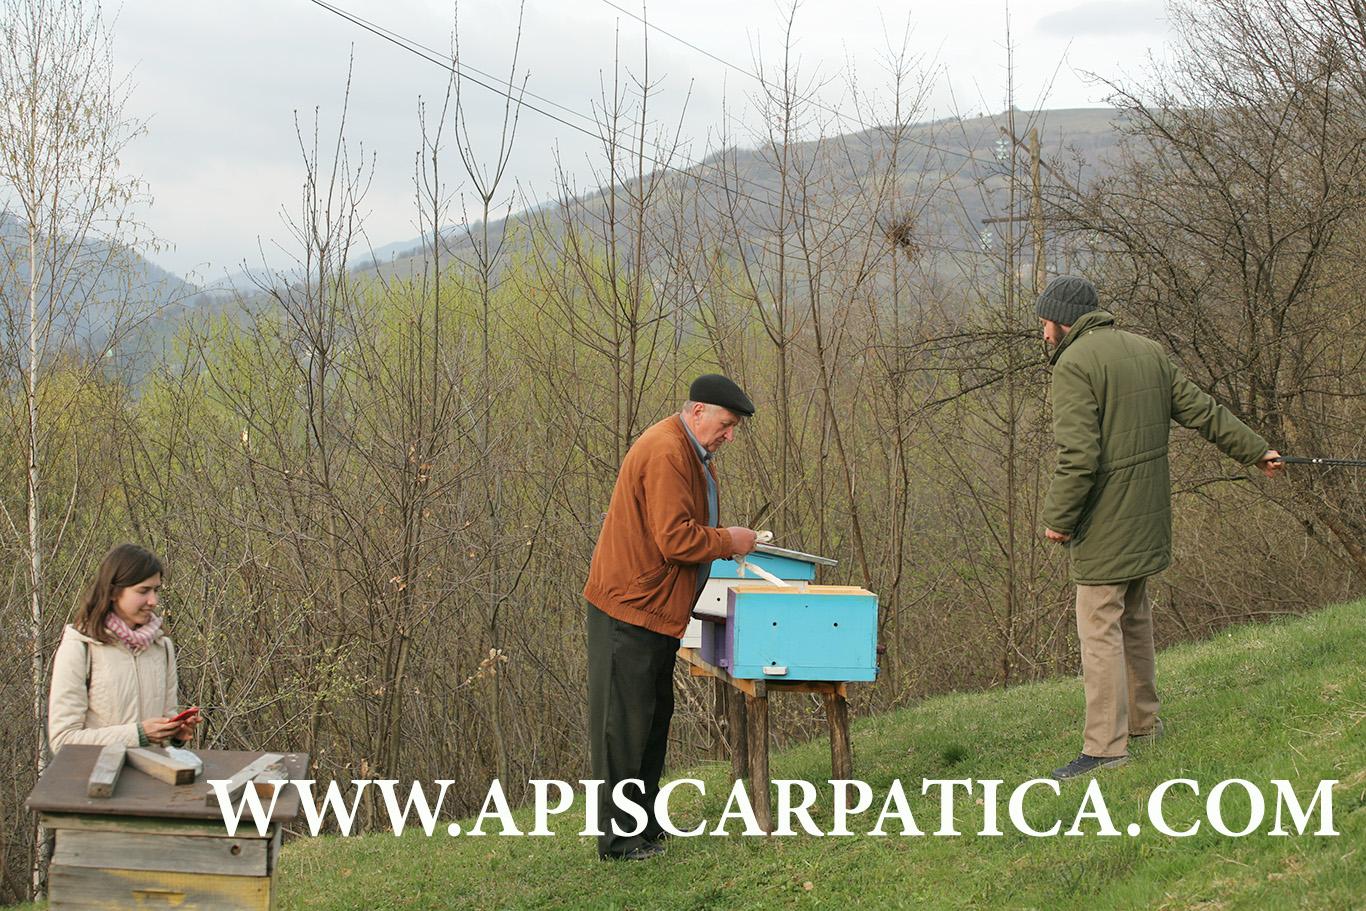 огляд нуклеусного вулика на пасіці карпатських бджіл Рахівського типу у місті Рахів